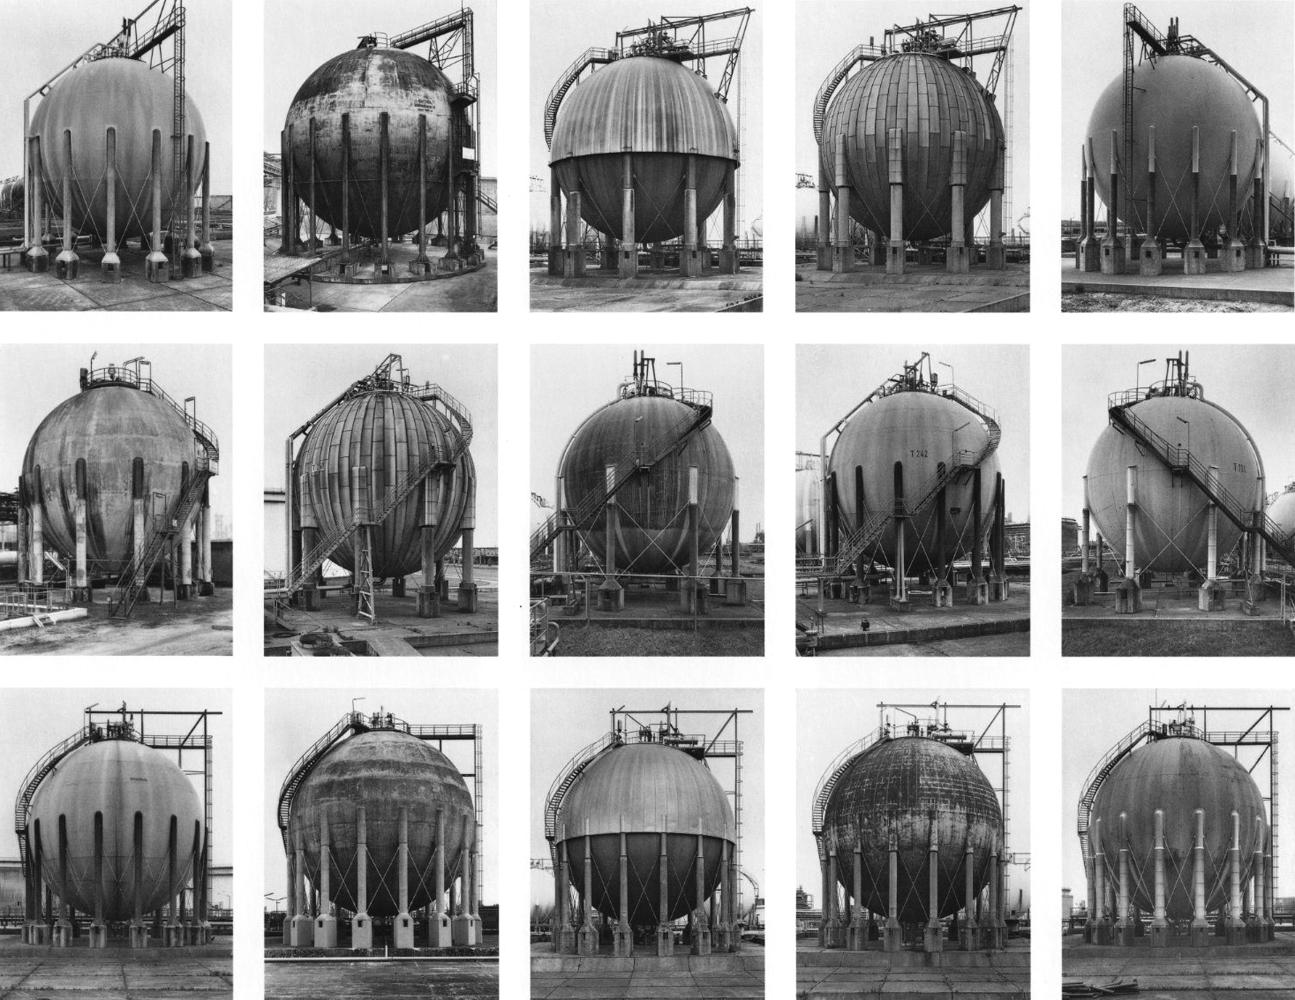 bernd-hilla-becher-gas-tanks